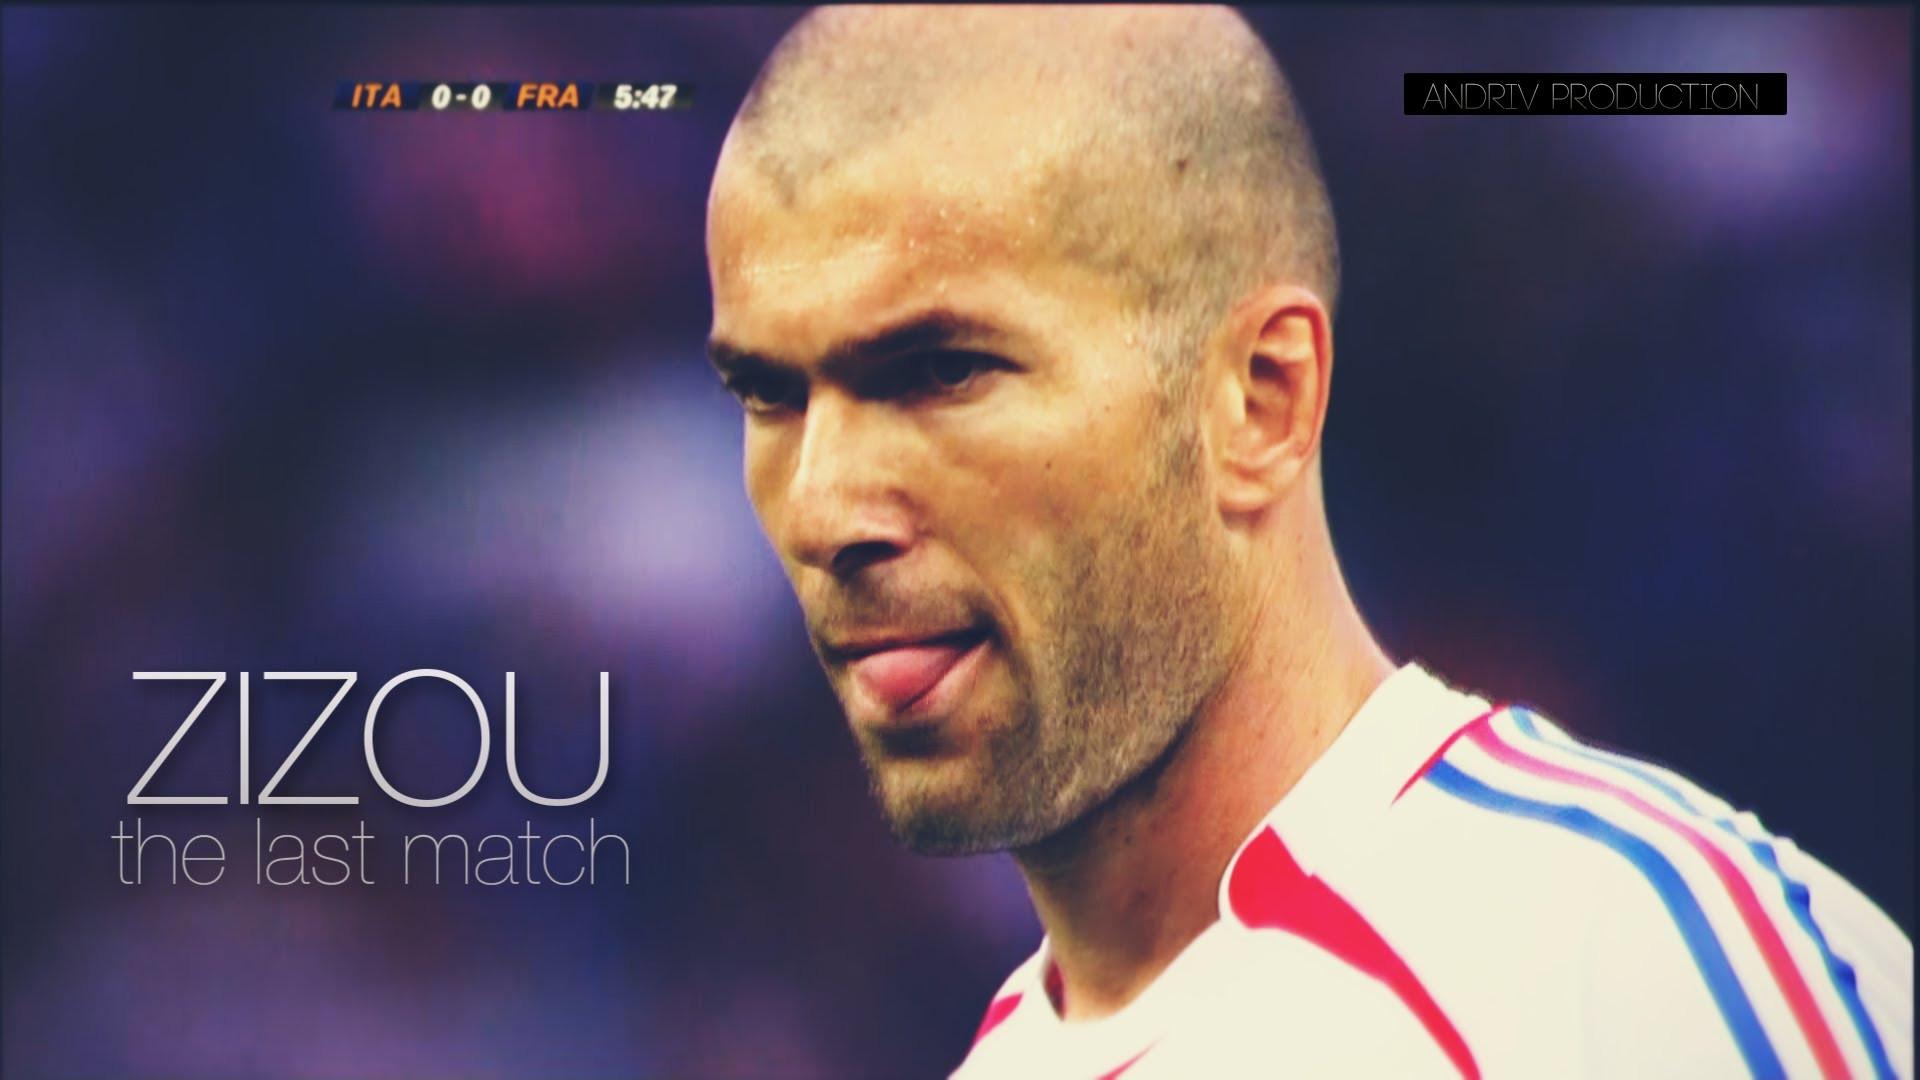 Fonds d'écran Célébrités Homme Zinedine Zidane